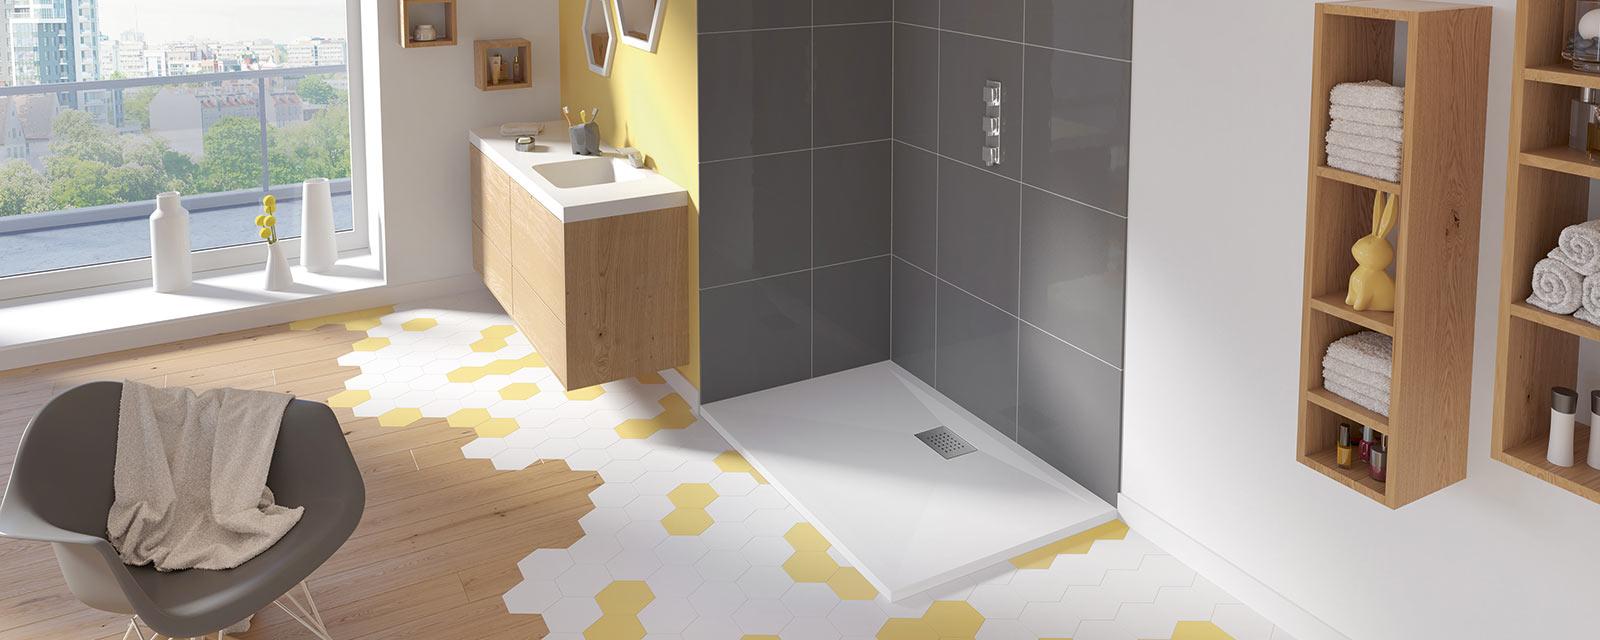 salle de bain ou salle d eau laquelle